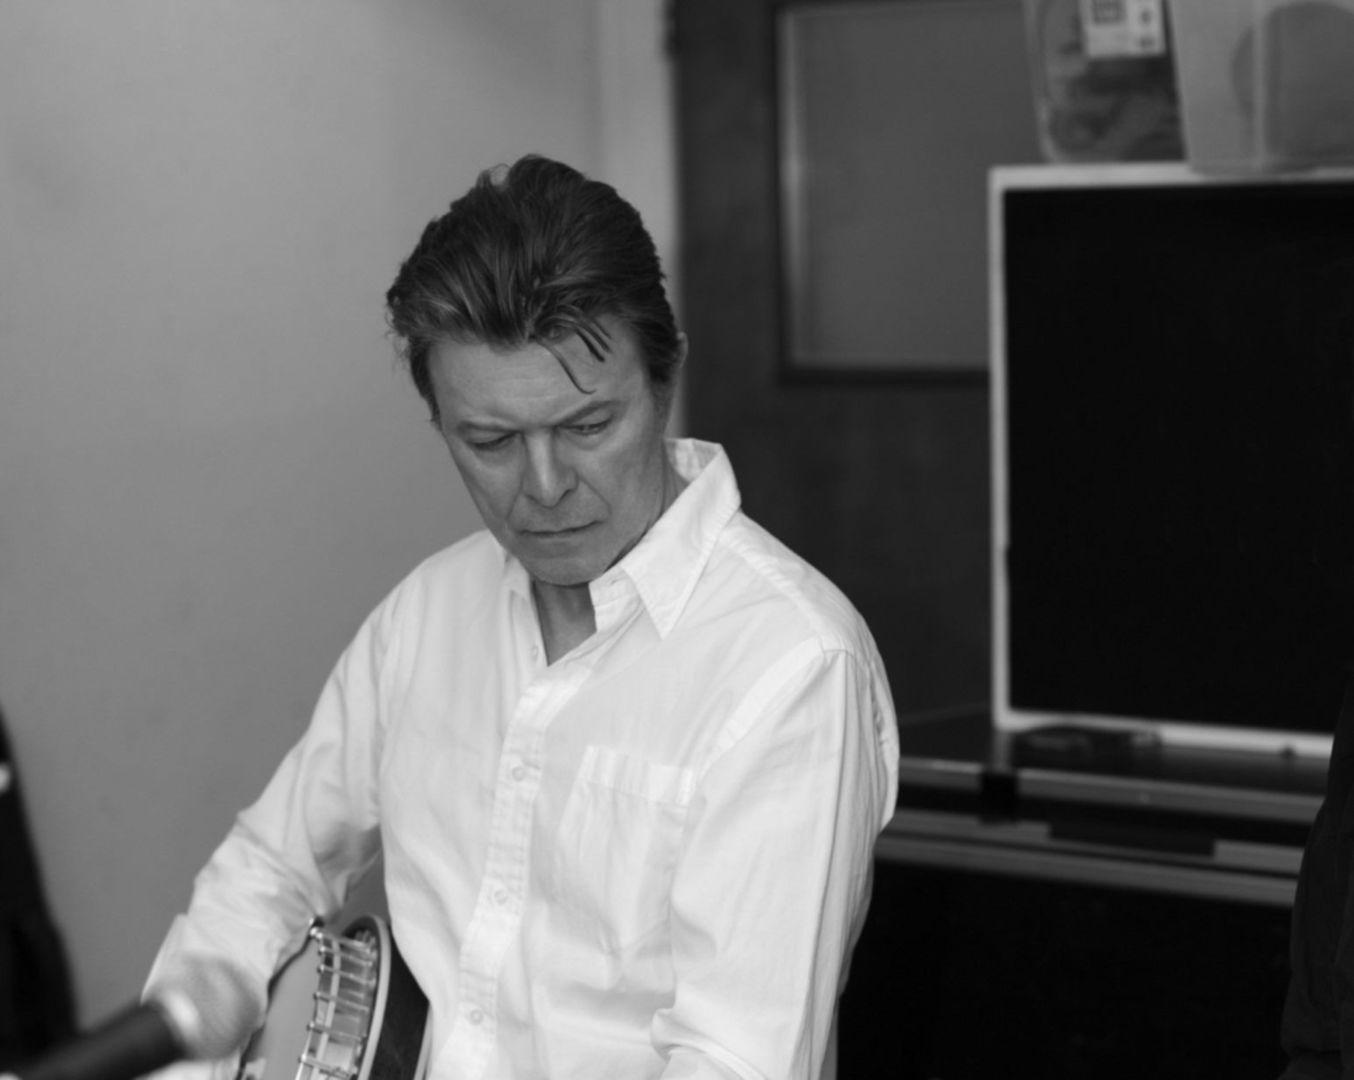 david bowie promo 2012